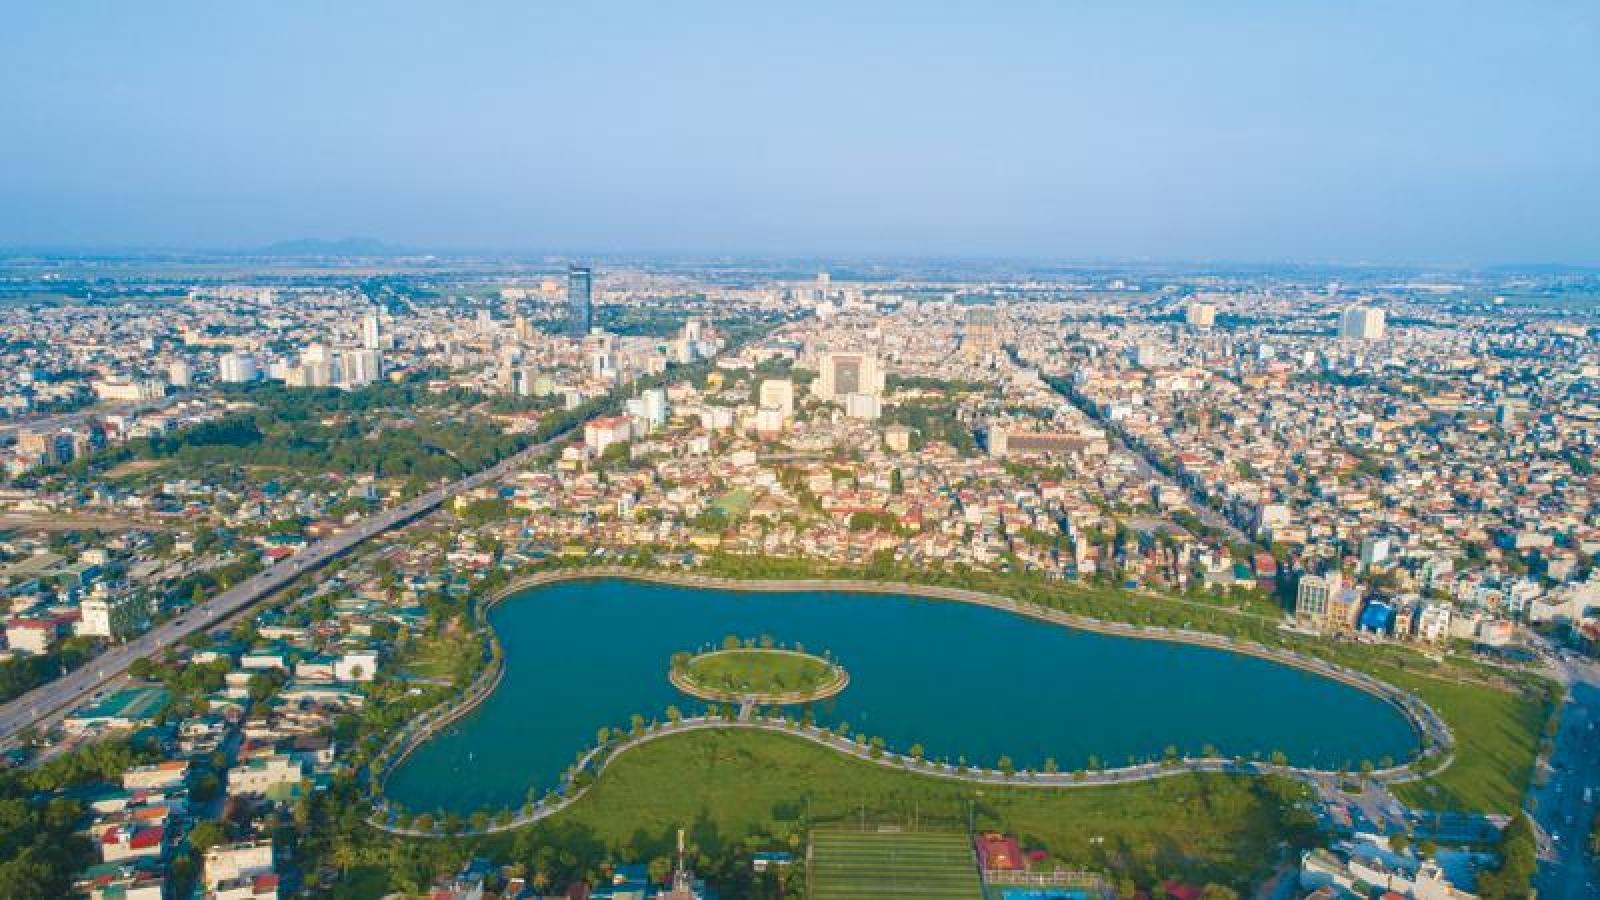 Đầu tư hơn 63.000 tỷ đồng, Thanh Hoá phấn đấu đưa du lịch thành ngành kinh tế mũi nhọn